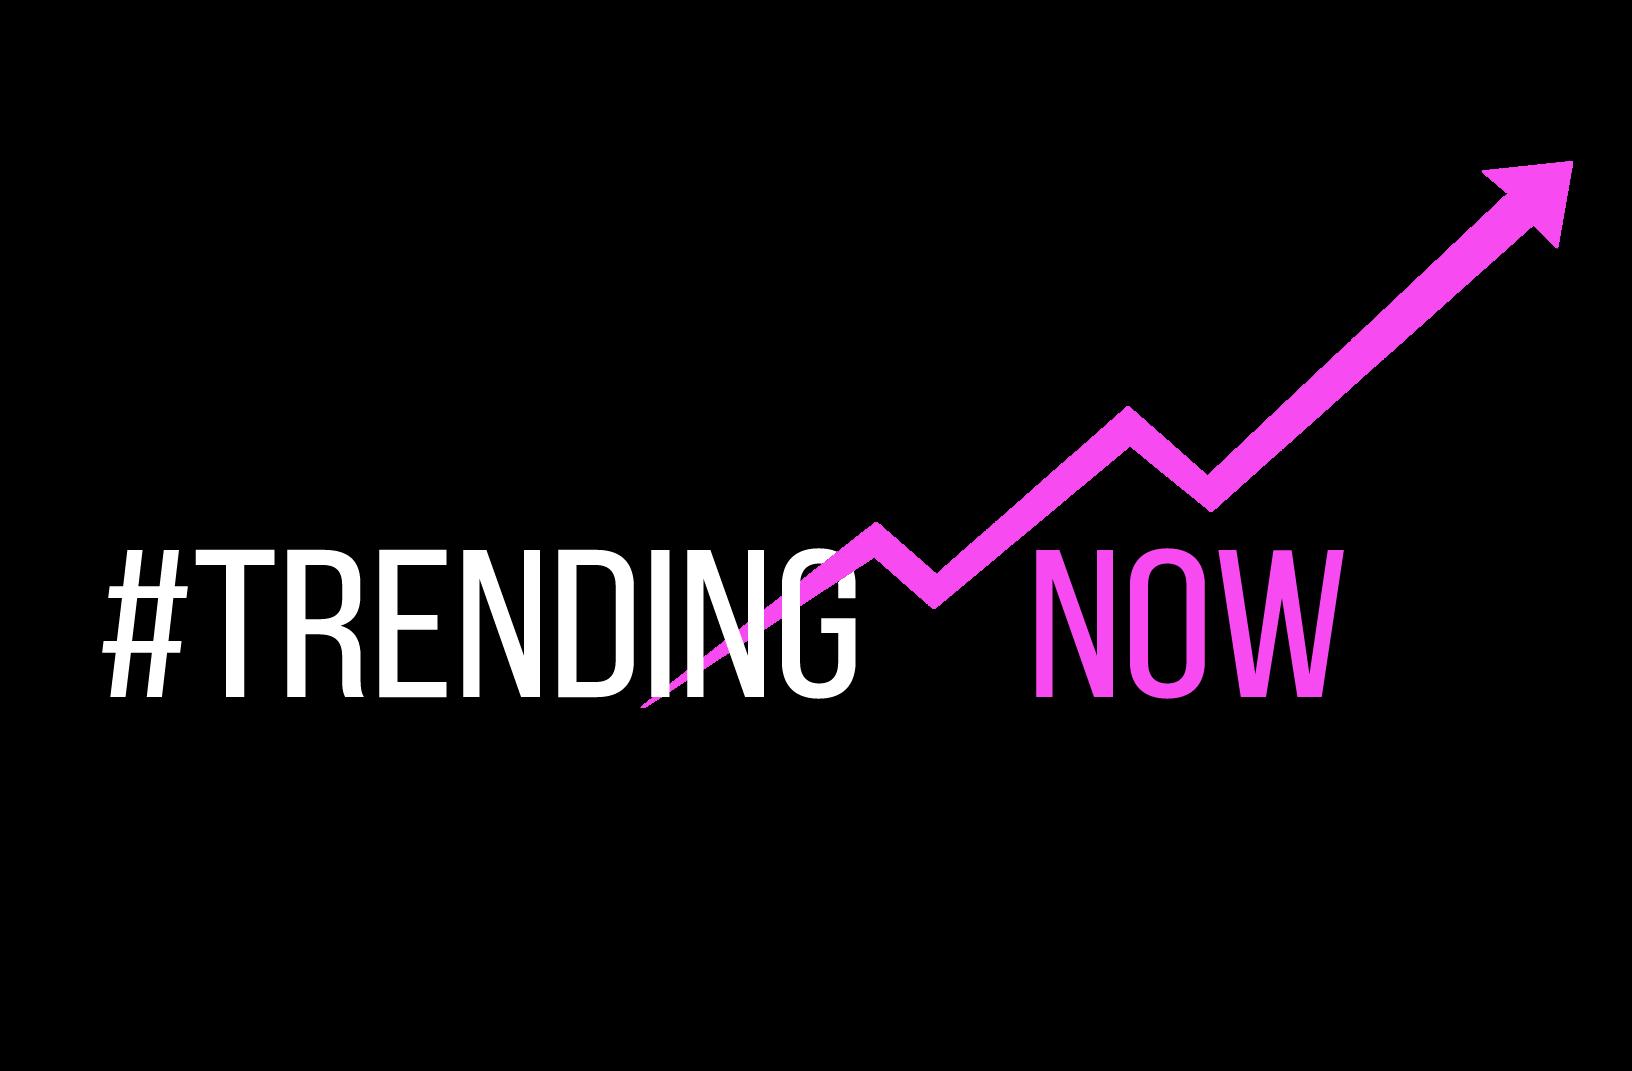 Trending Now#1.png